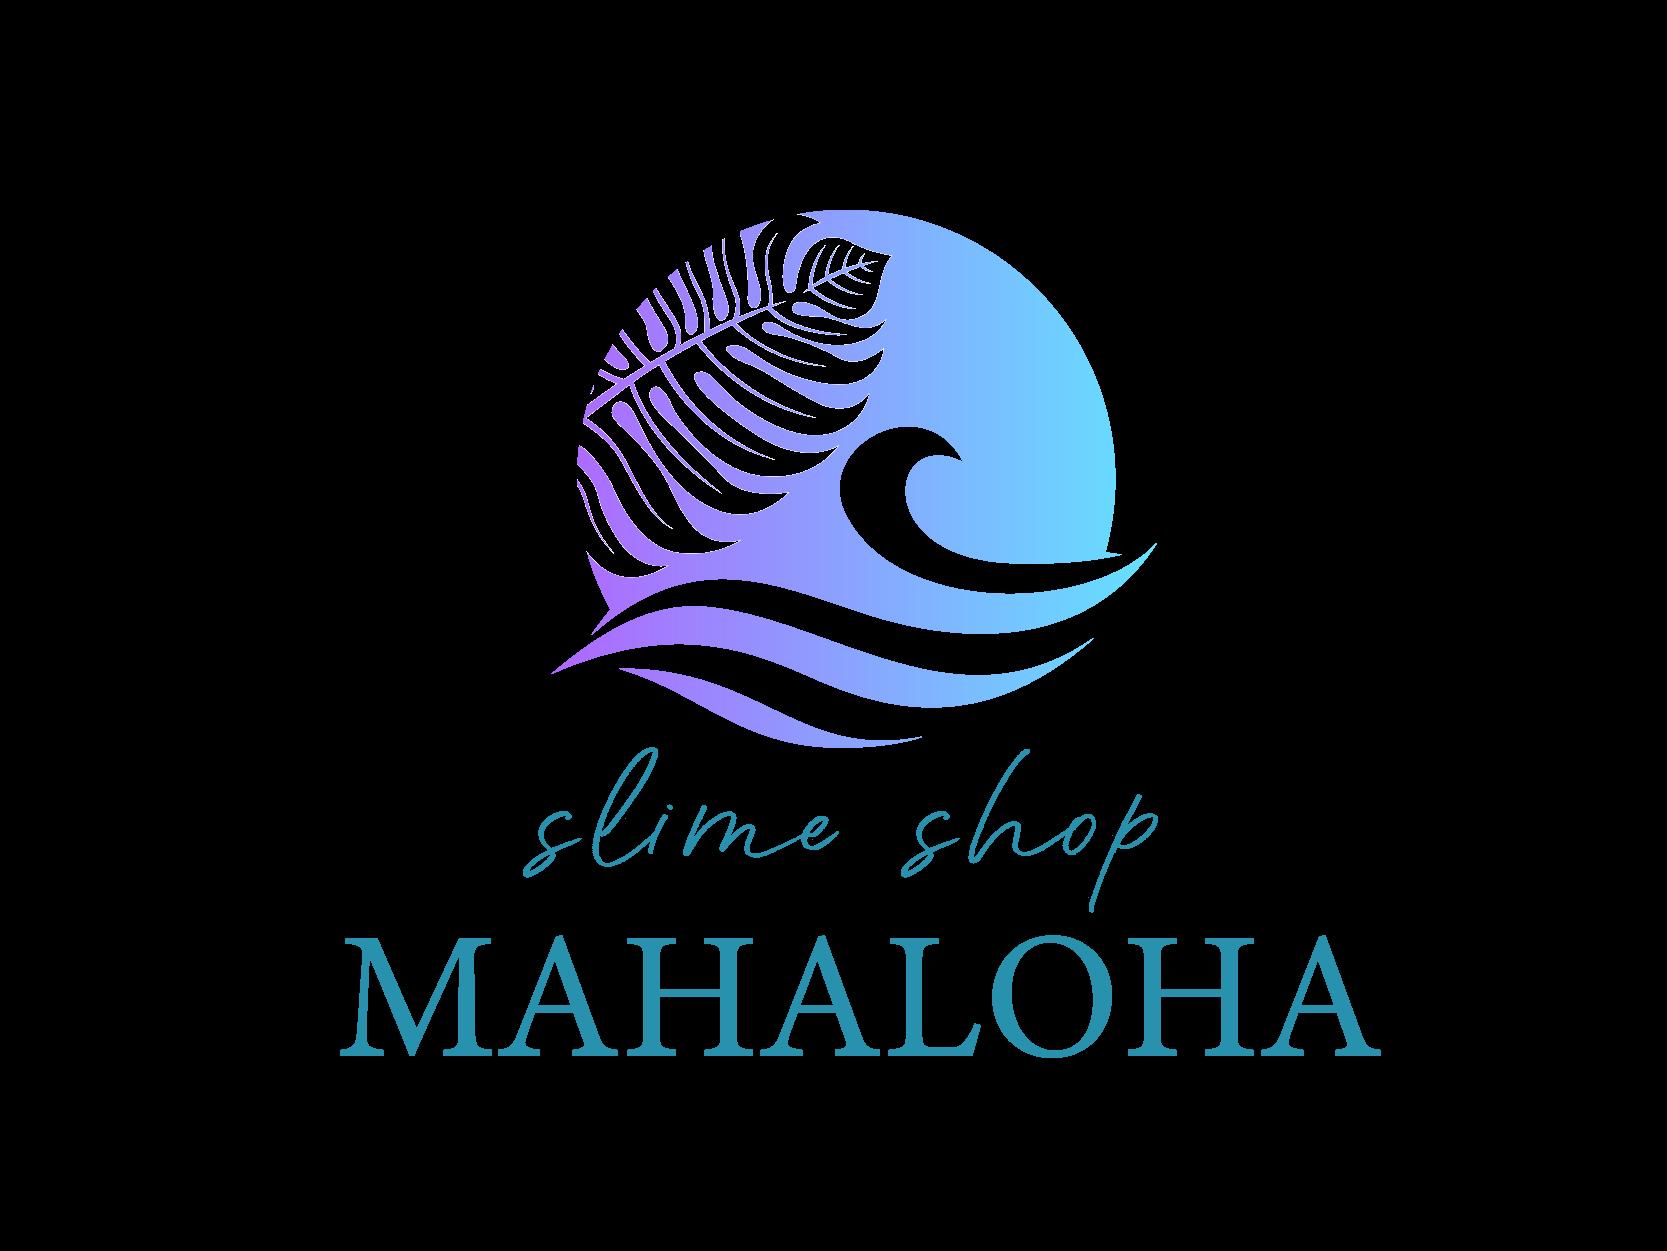 MAHALOHA SLIME